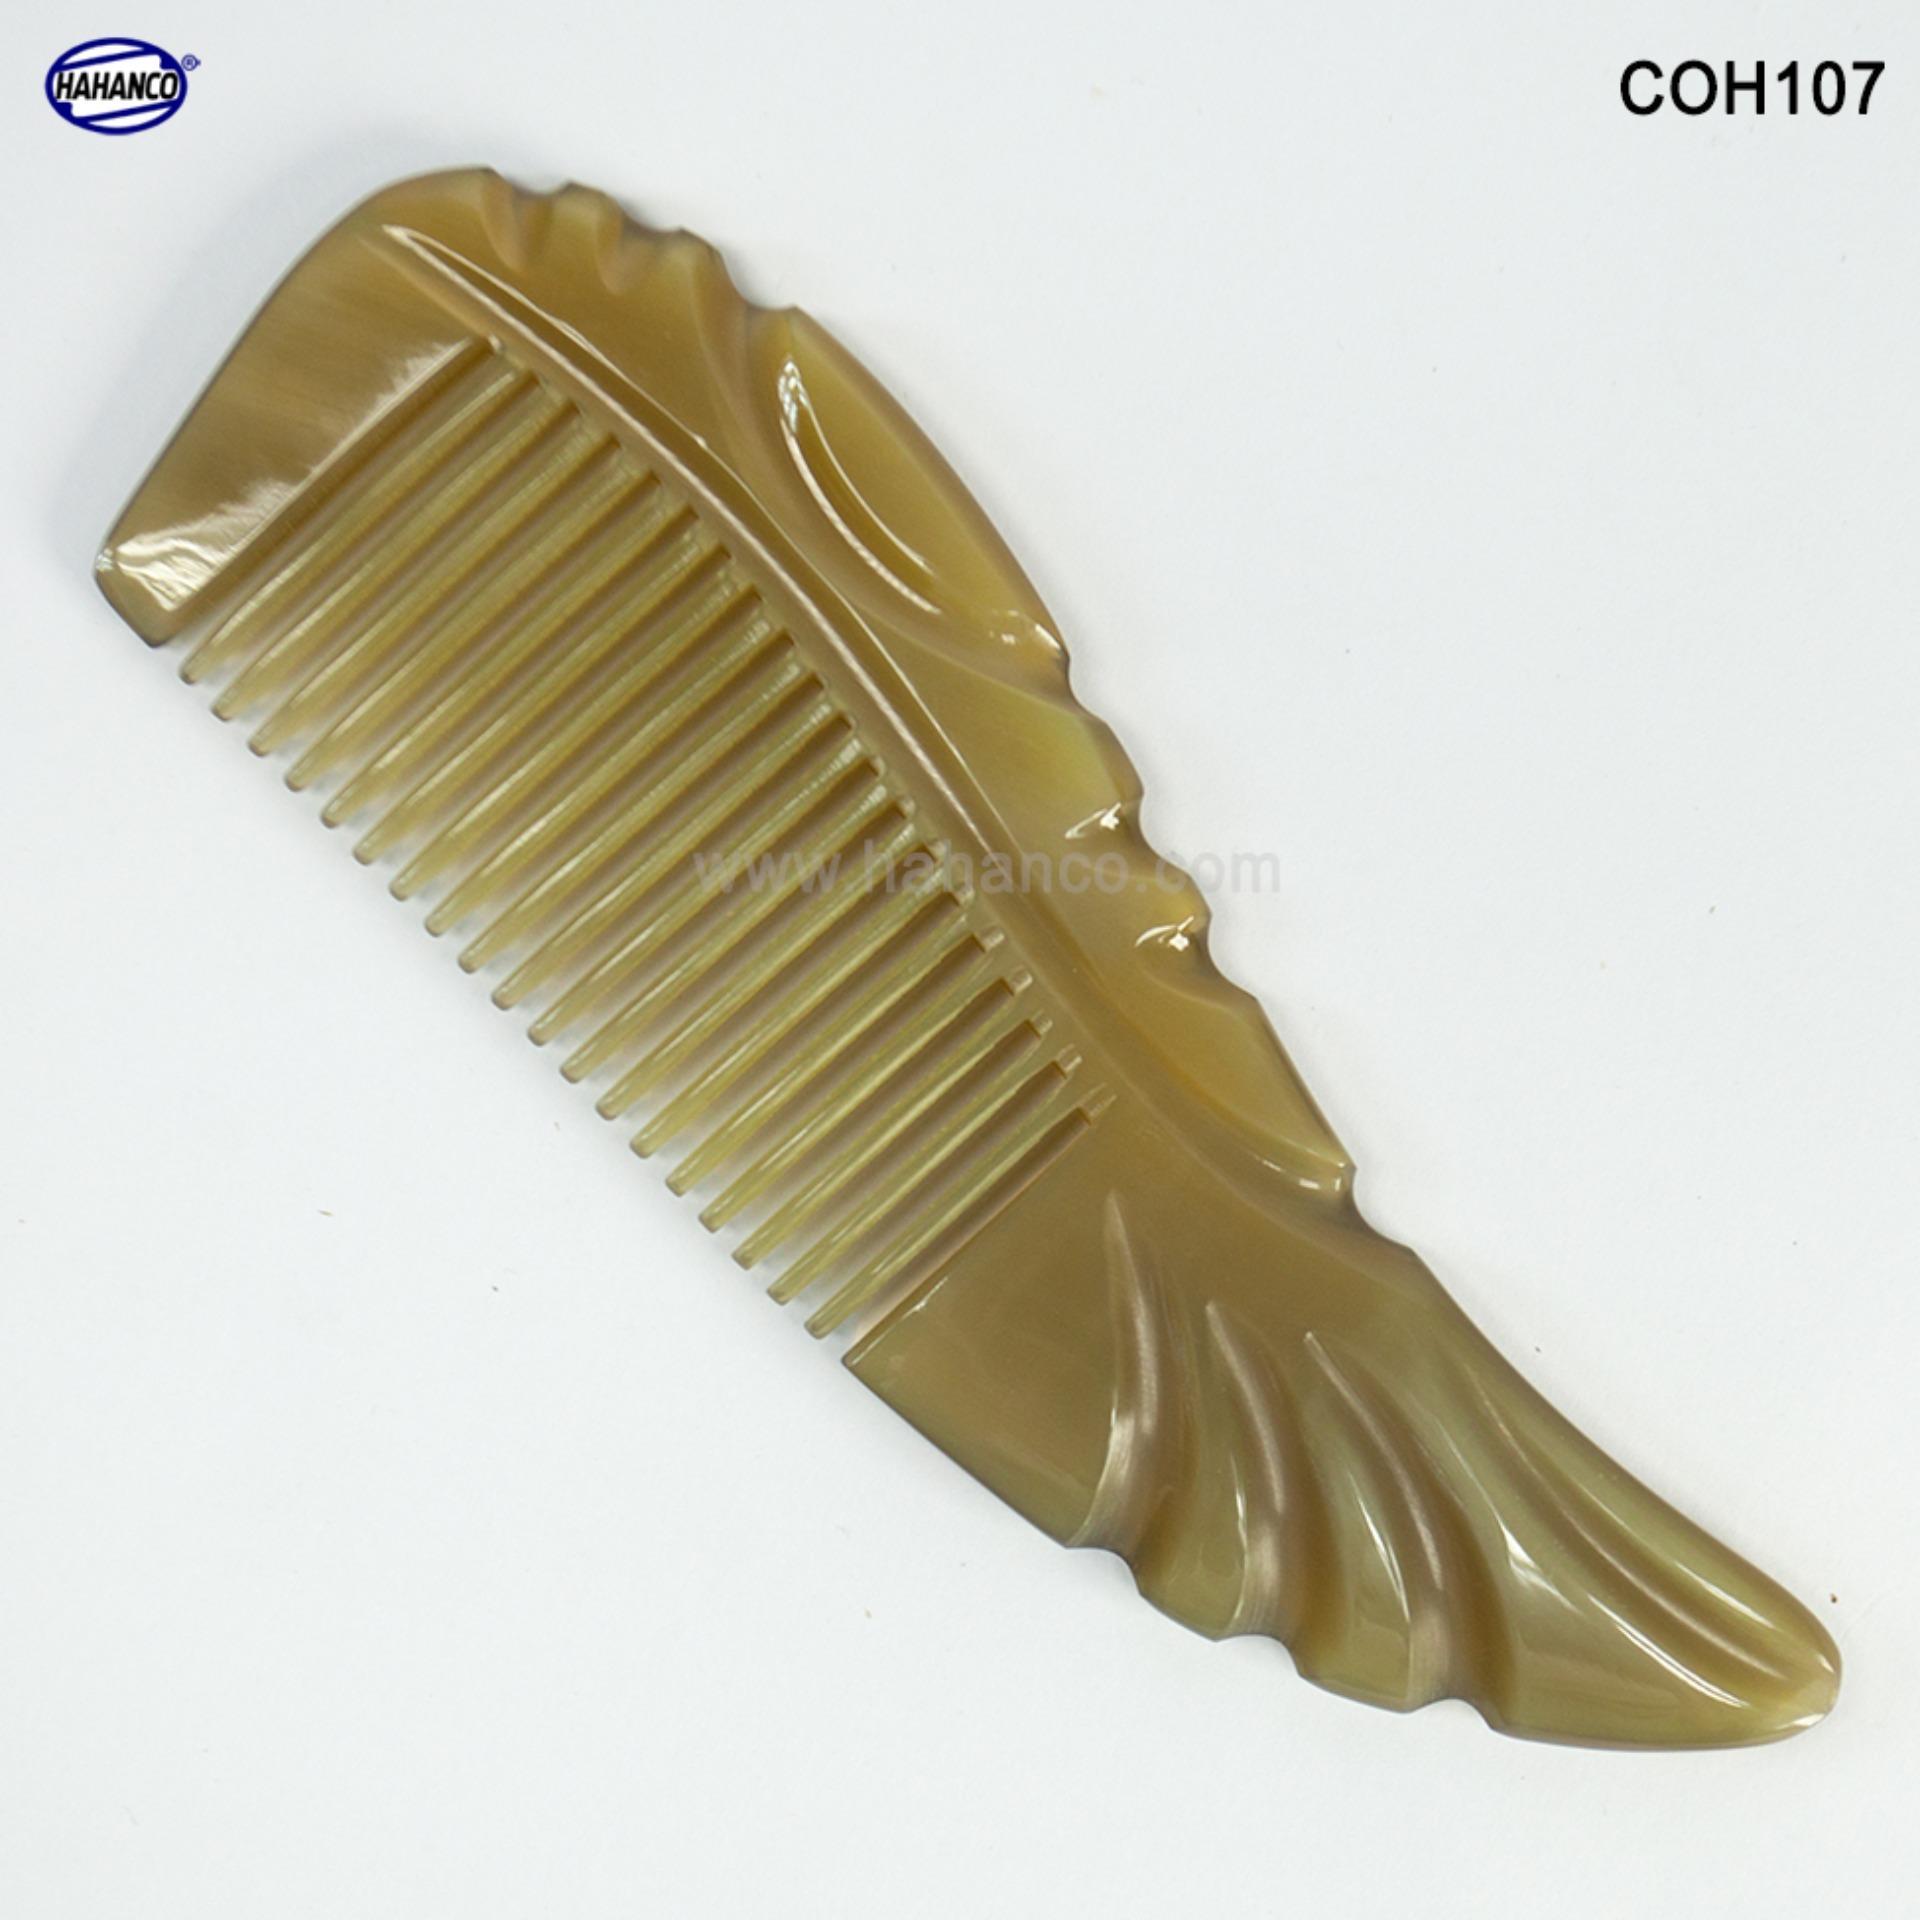 Lược sừng xuất Nhật - COH107 (Size: S) Cá Koi nhỏ bé - Horn Comb of HAHANCO - Lược chải tóc tốt cho sức khỏe